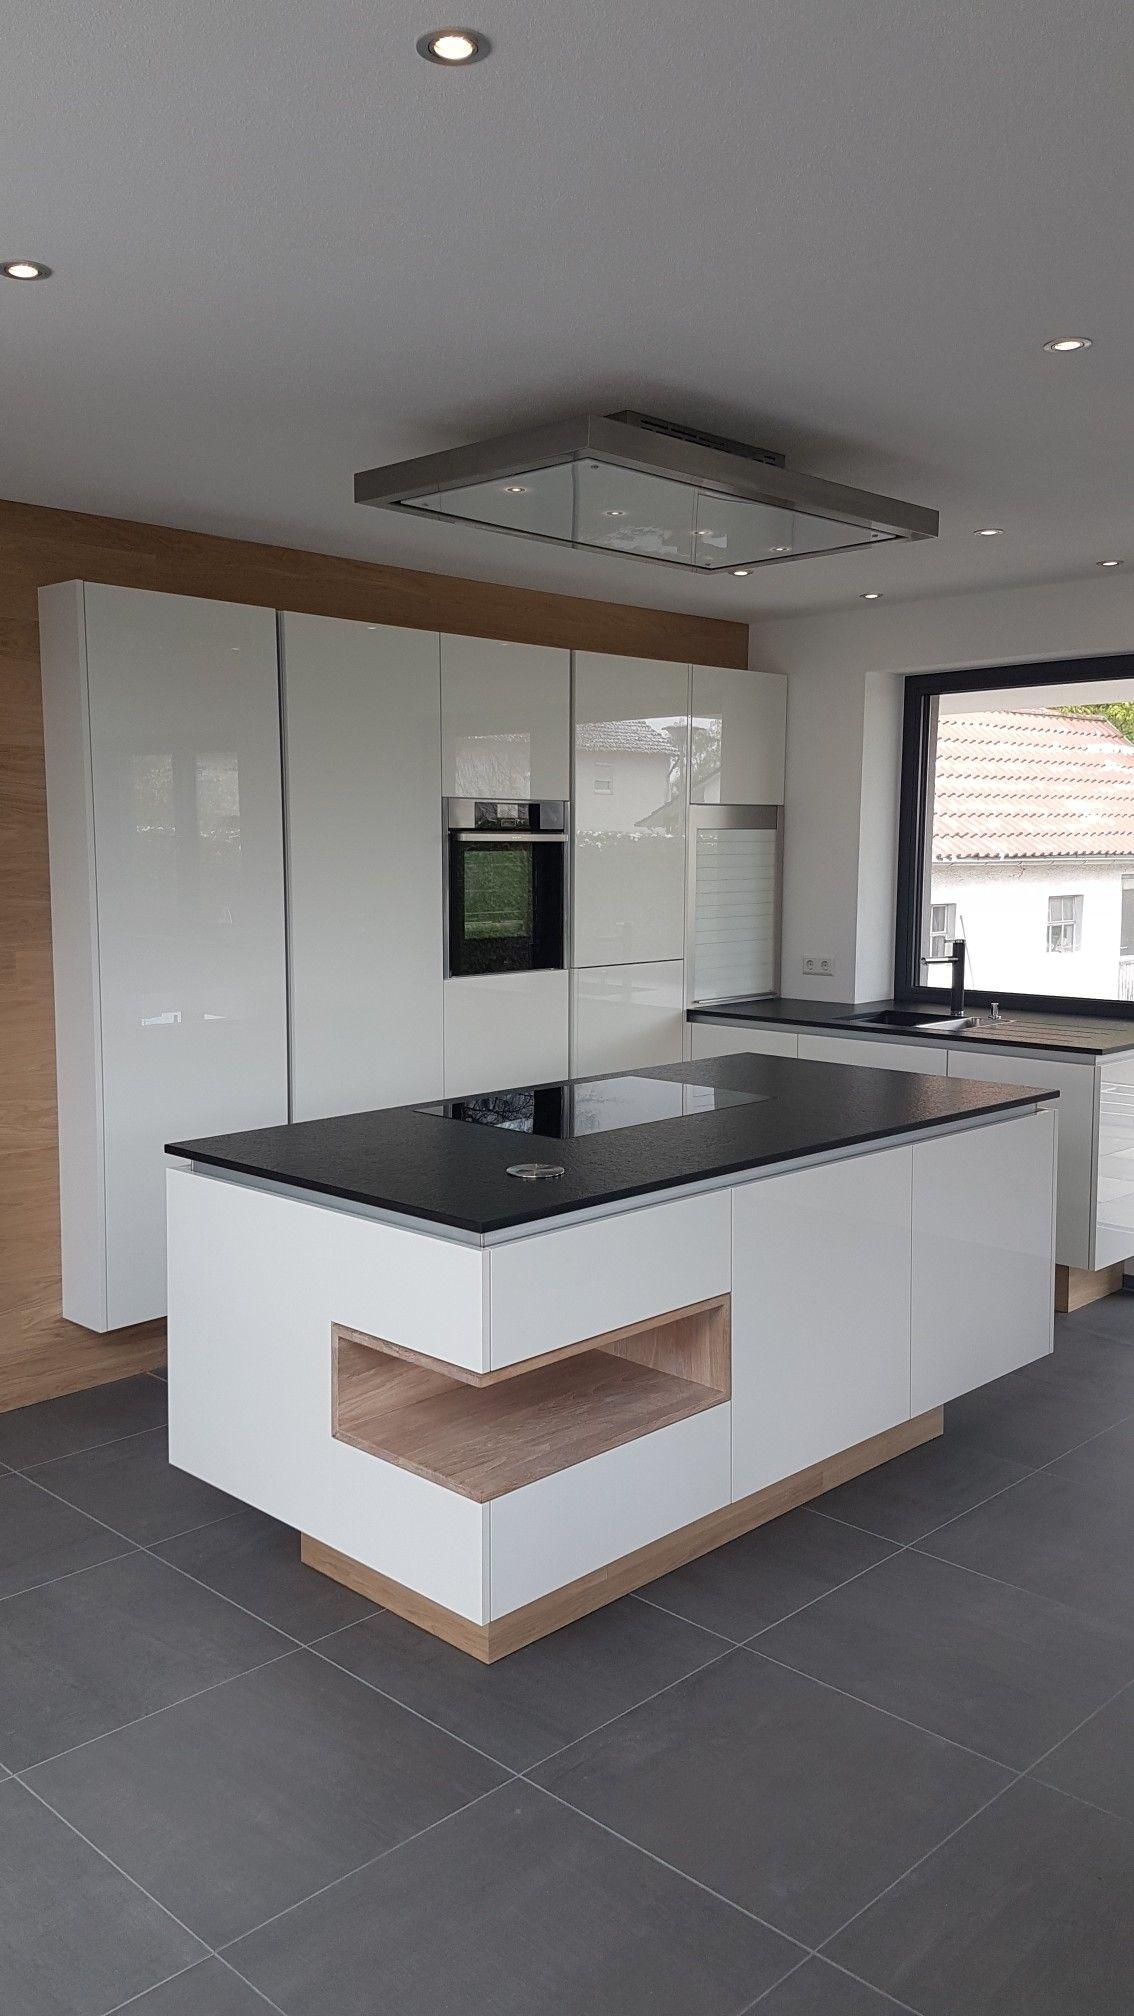 Granitplatten küche  Küche Weiß Glanz, Nero Assoluto Granit und Eiche Einsatz | Cocinas ...